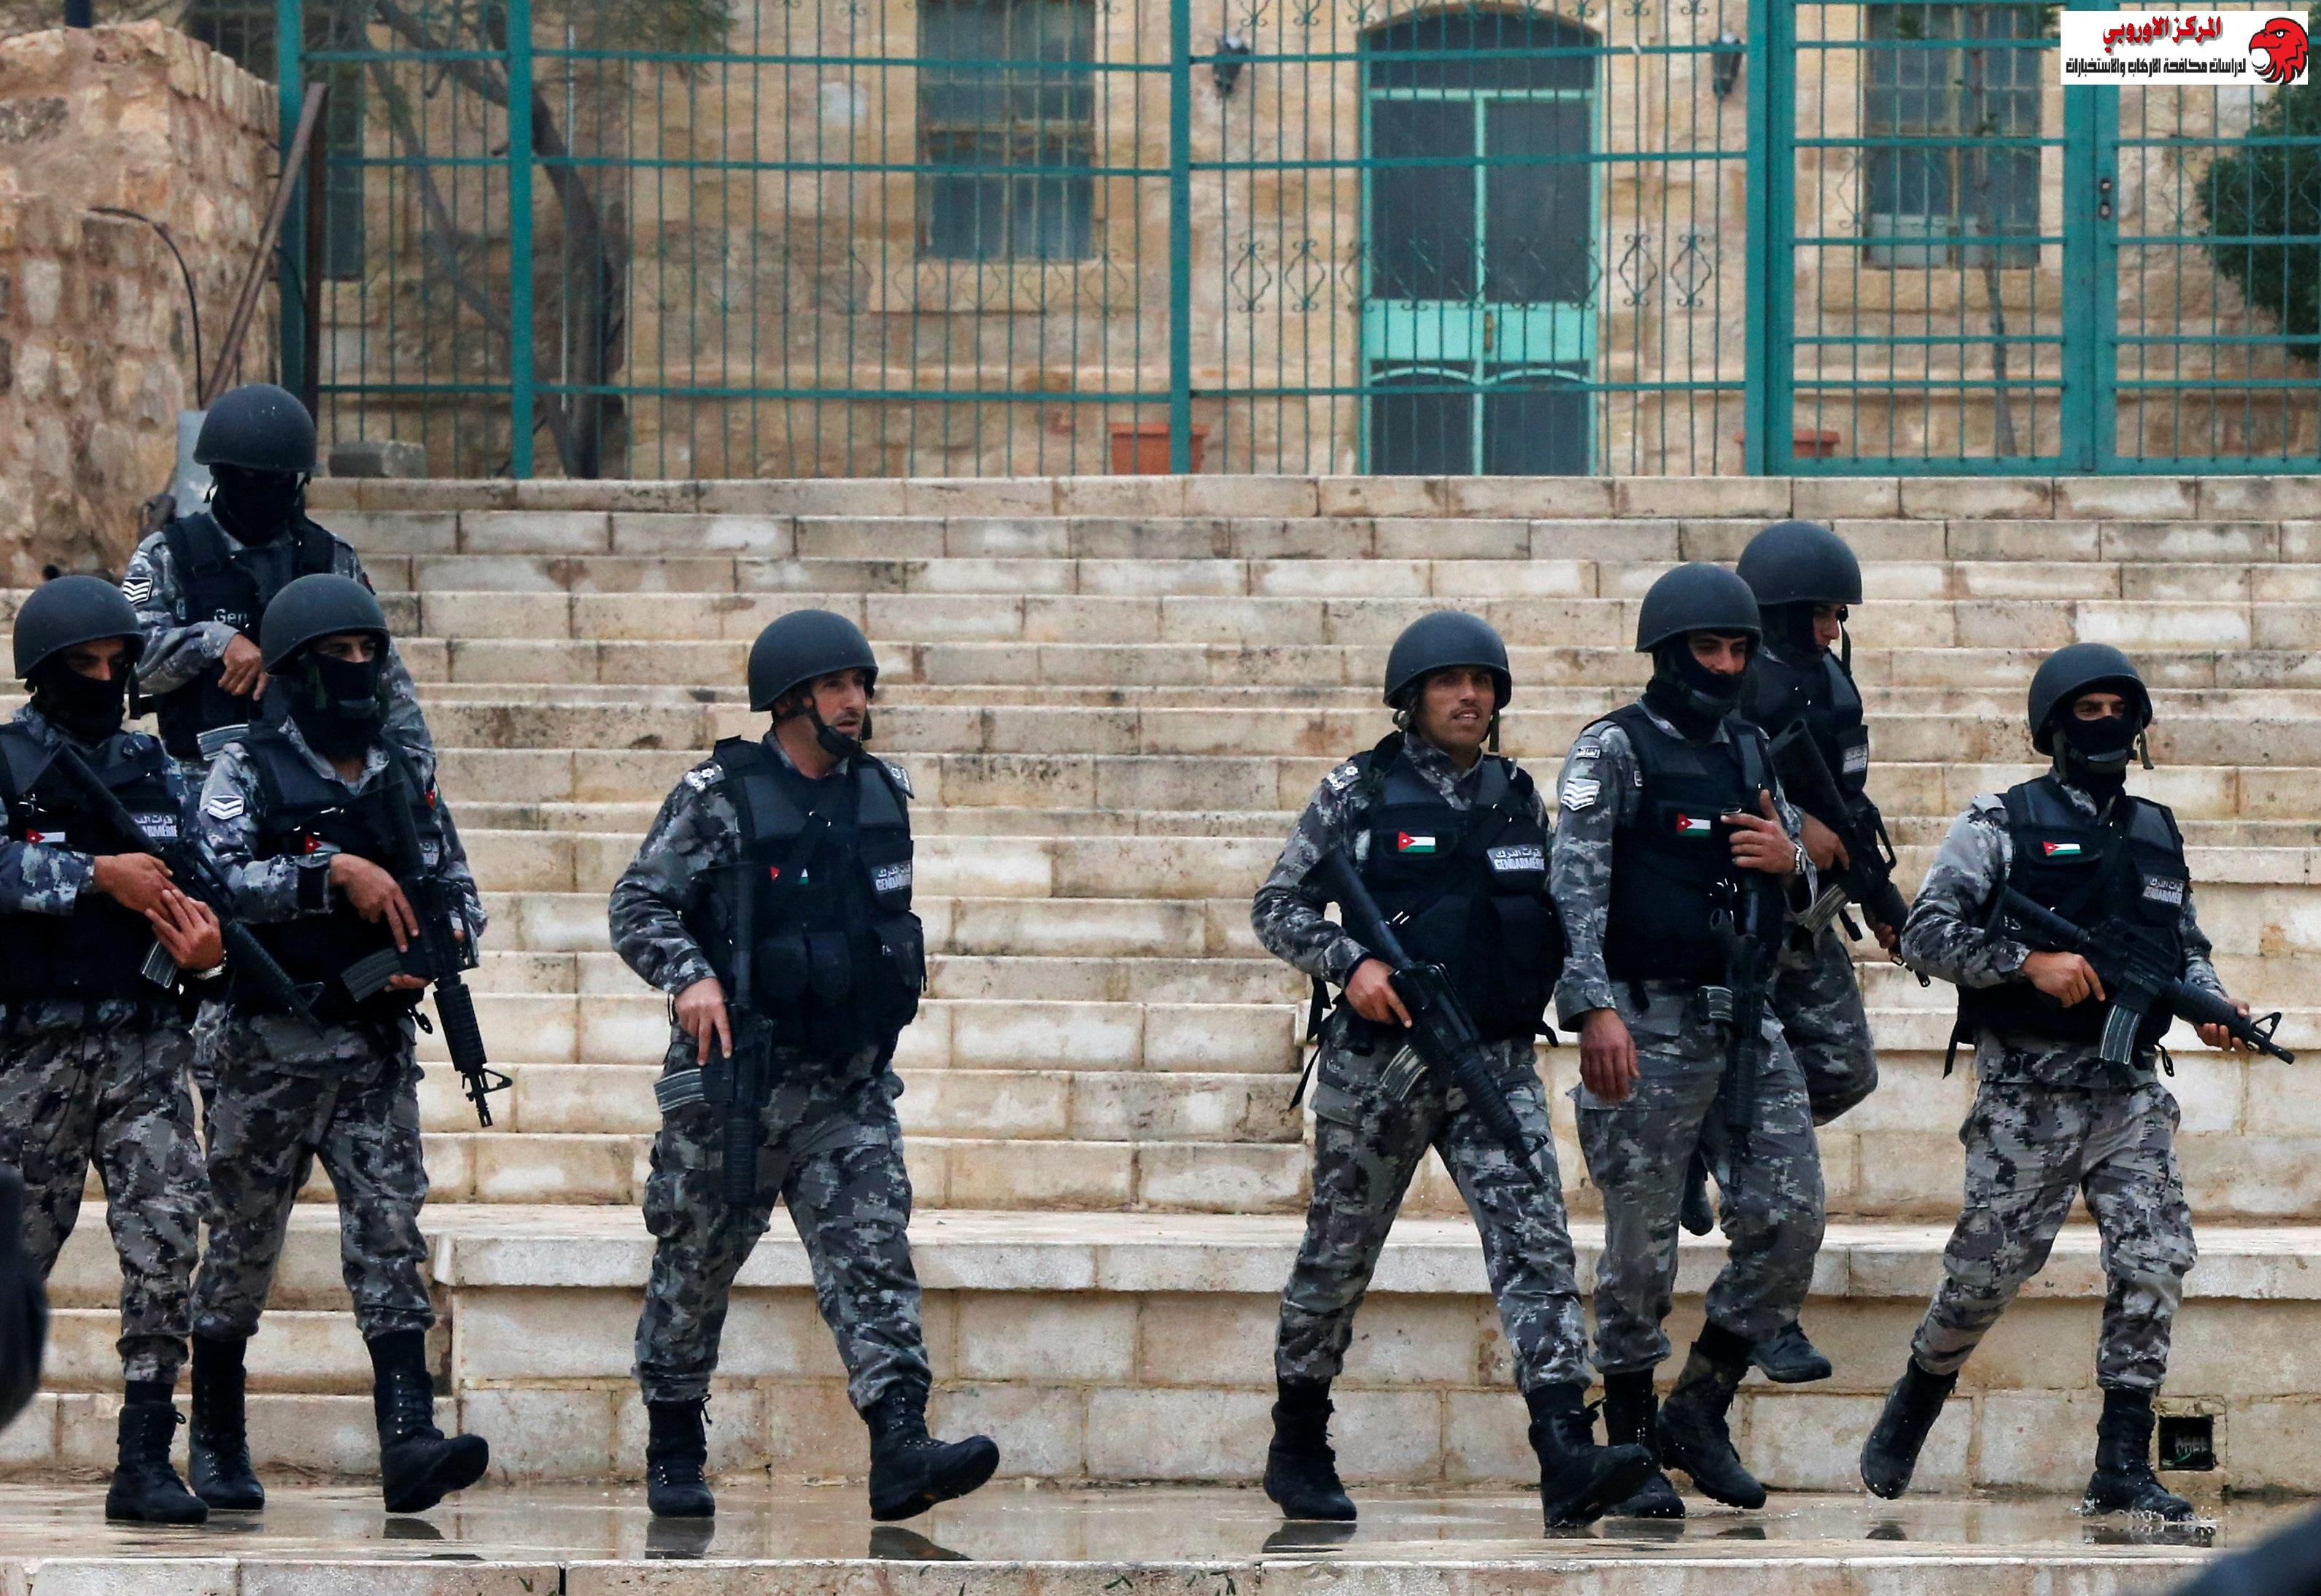 تقيم الإستراتيجية الوطنية لمكافحة التطرف والإرهاب في الأردن. بقلم الدكتور سعود الشرفات